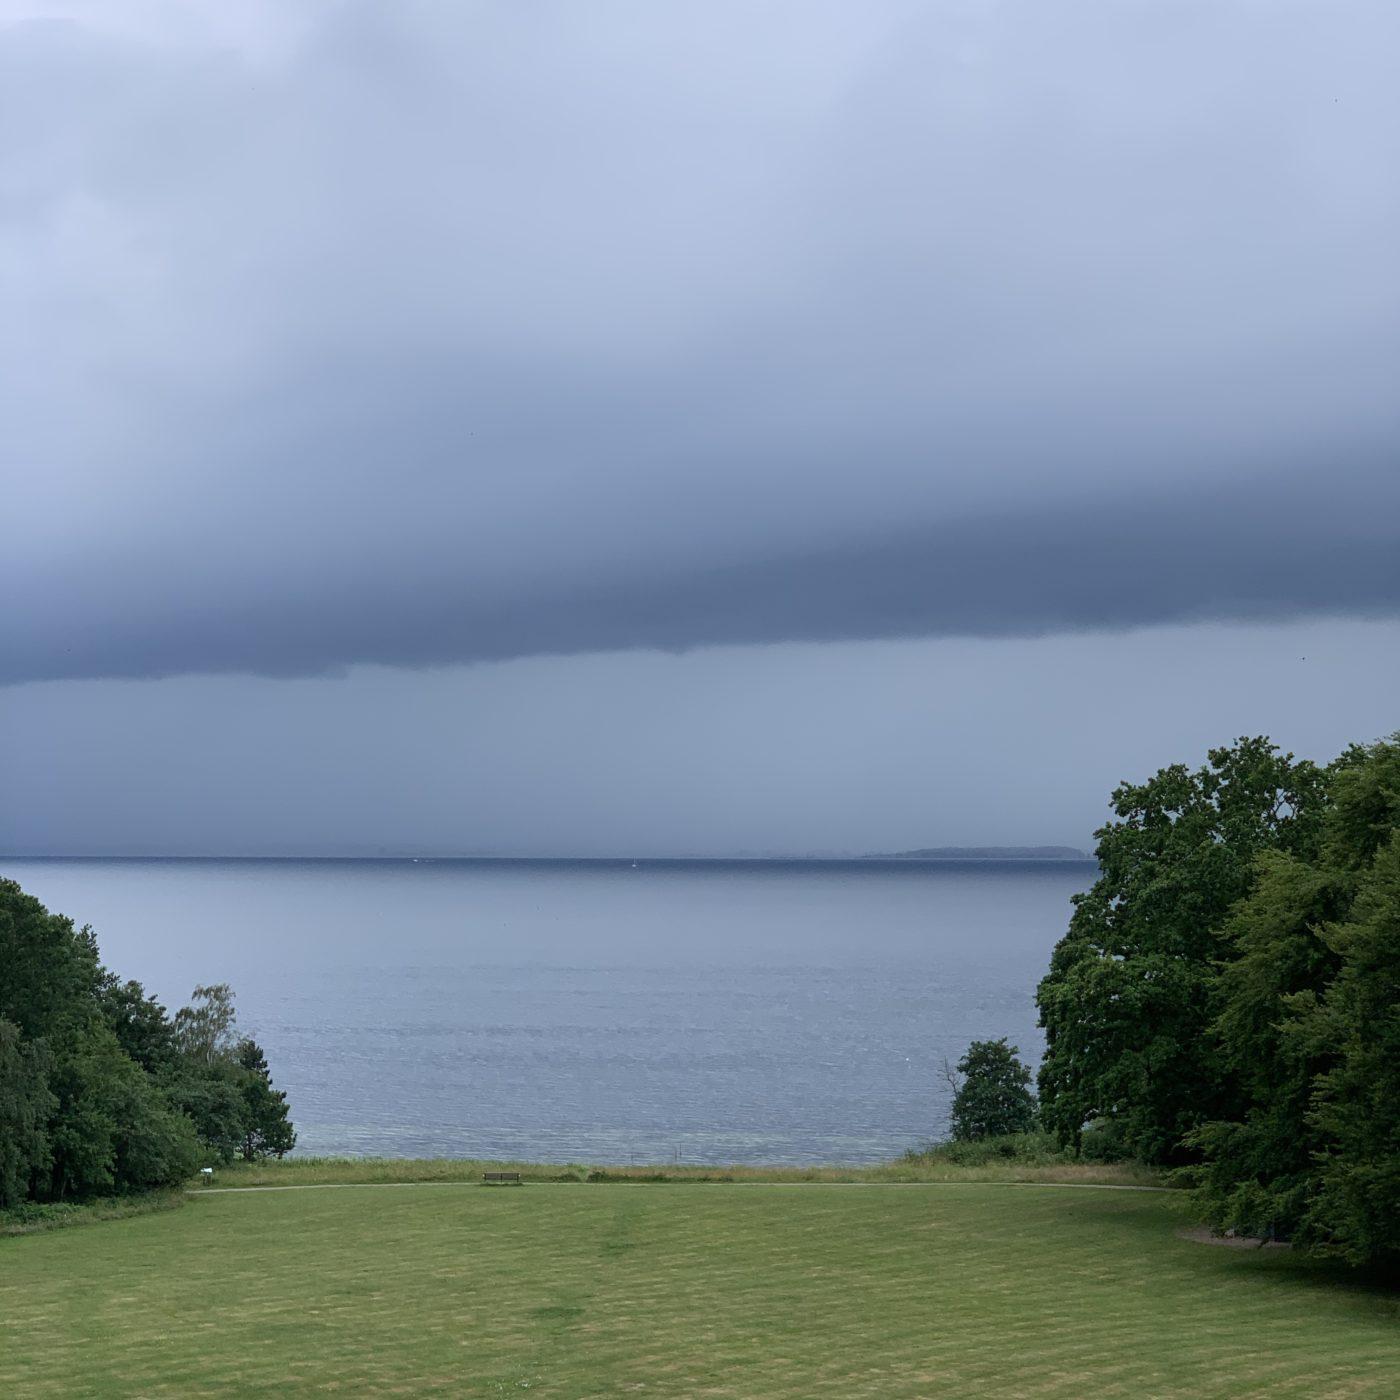 Udsigten fra Vintersbølle Strand ud over Storstrømmen. Grå skyer, gråt vand, grønt græs.